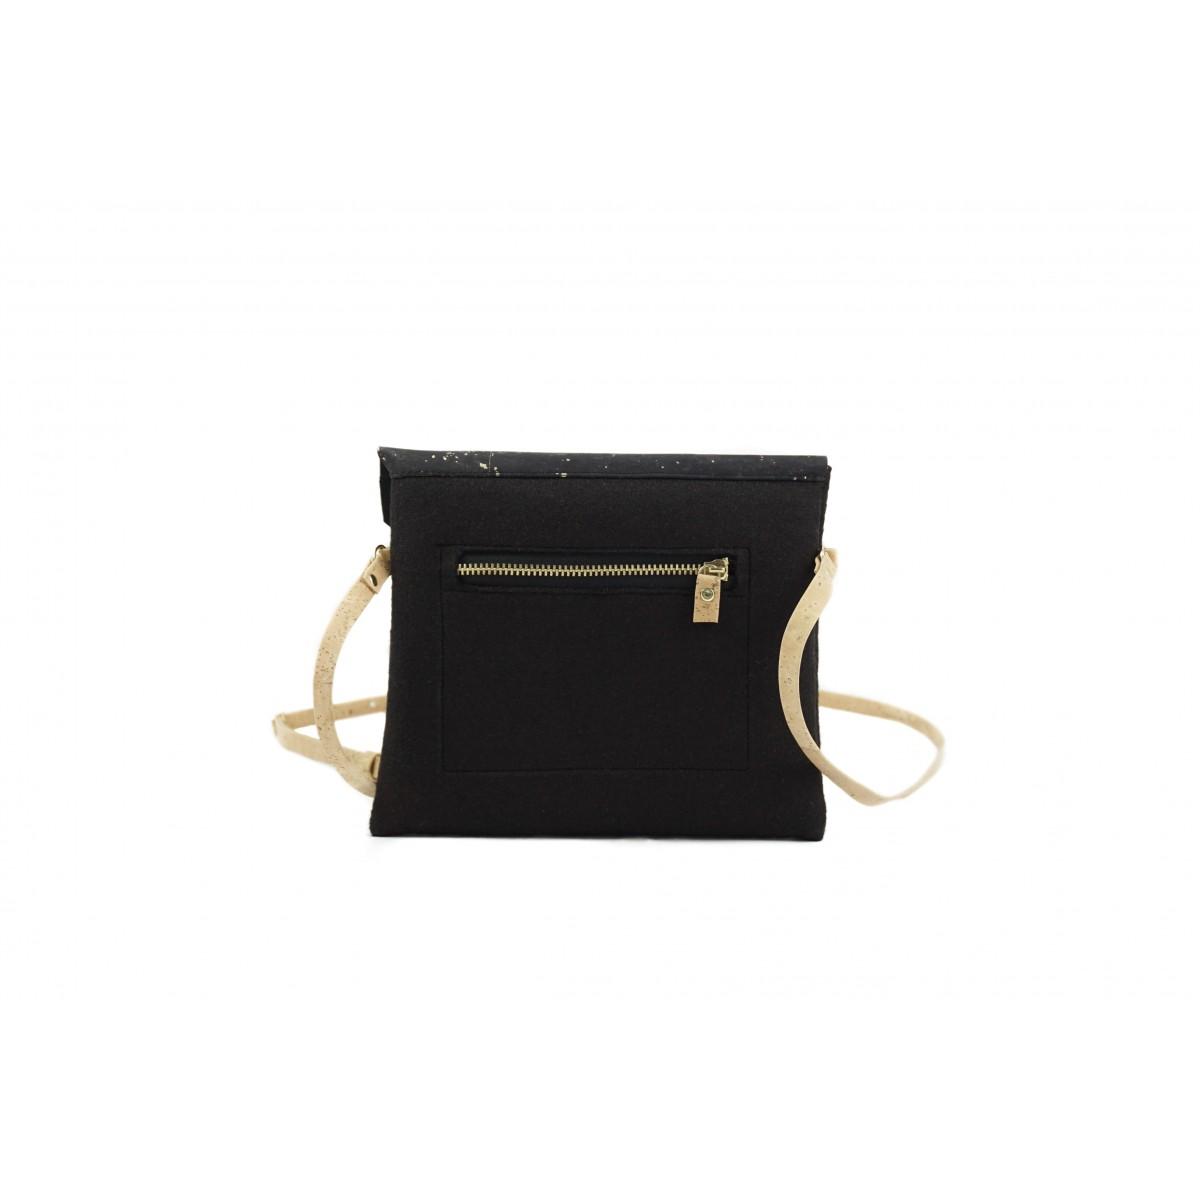 MARILA Handtasche Quadratisch Schwarz Gold Kork vegan